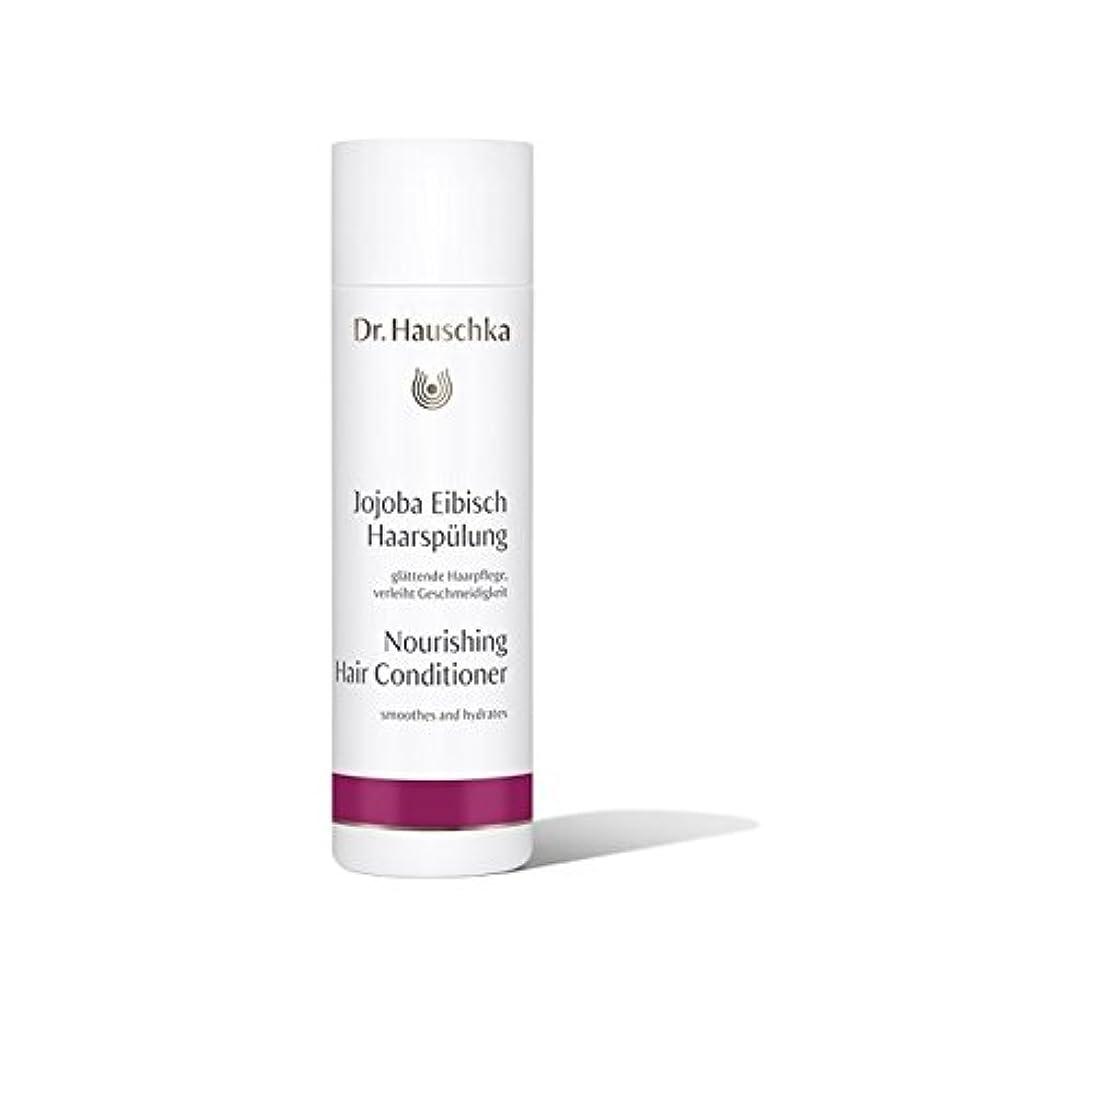 煙突悲観的夜の動物園Dr. Hauschka Nourishing Hair Conditioner (200ml) - ハウシュカ栄養ヘアコンディショナー(200ミリリットル) [並行輸入品]